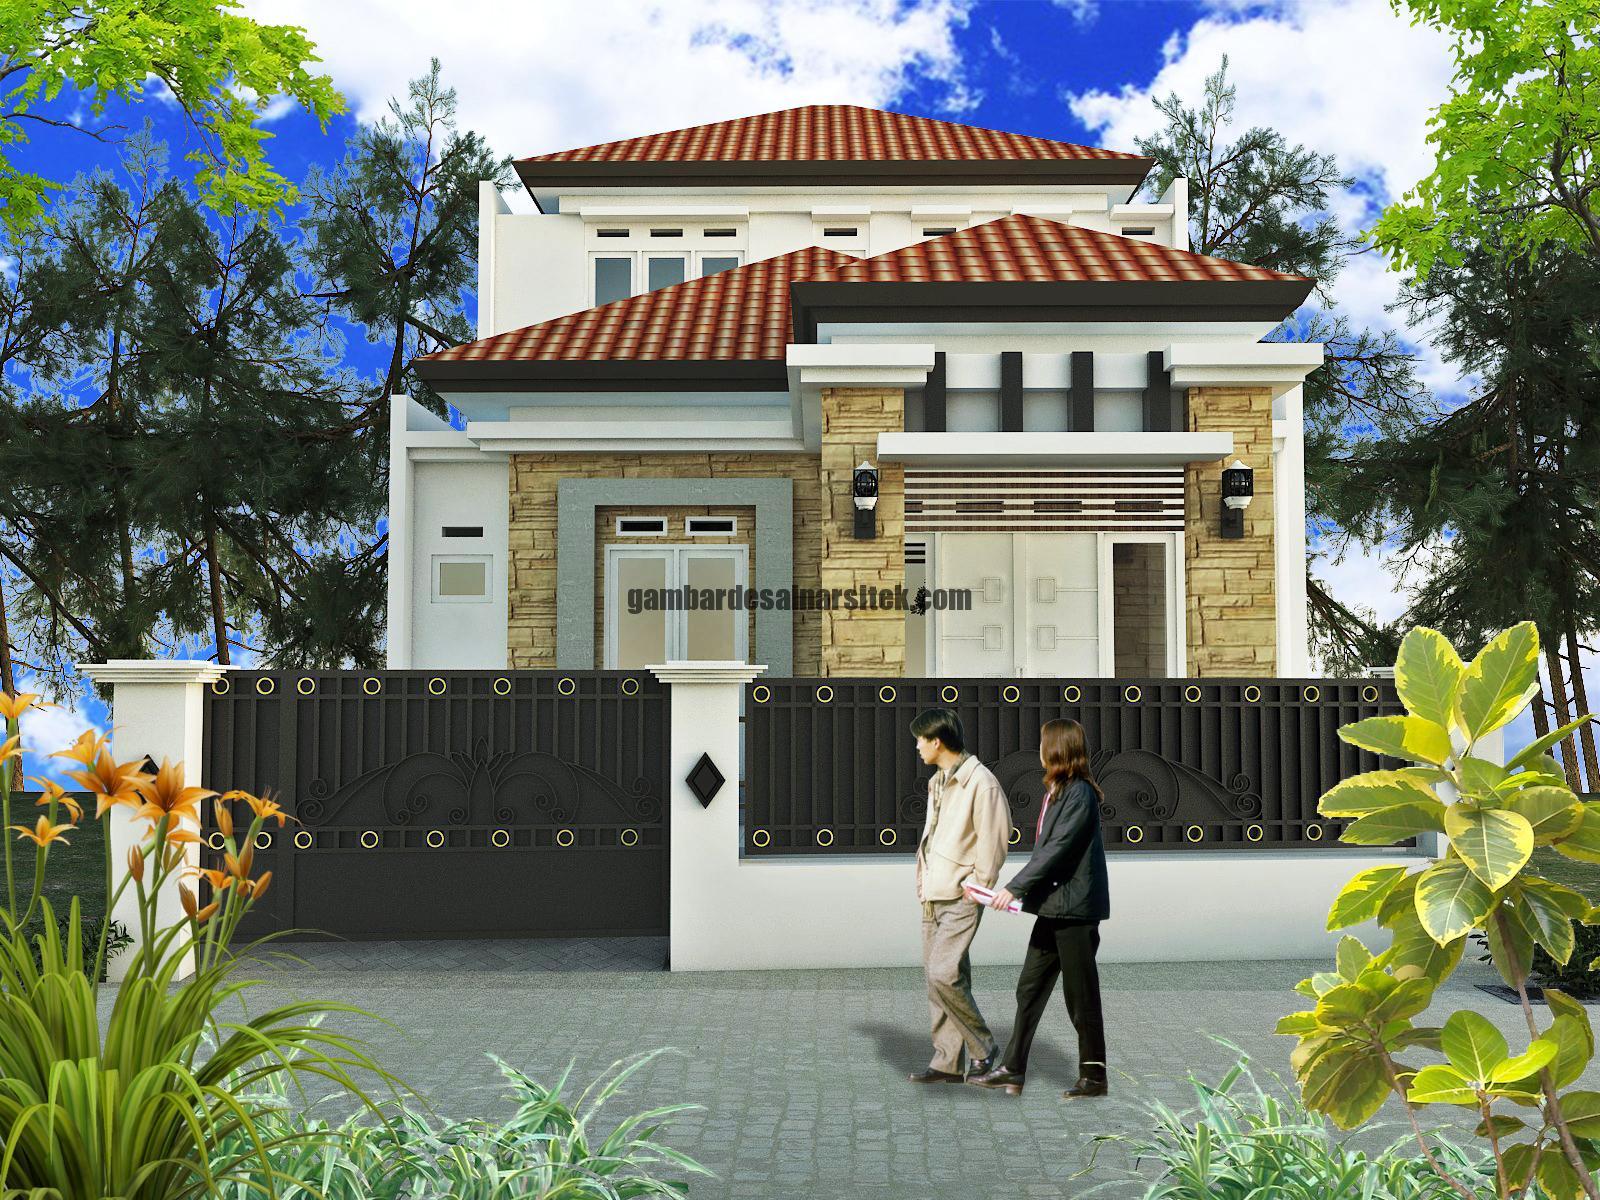 80 Desain Atap Segitiga sebagai Inspirasi Rumah Anda 3